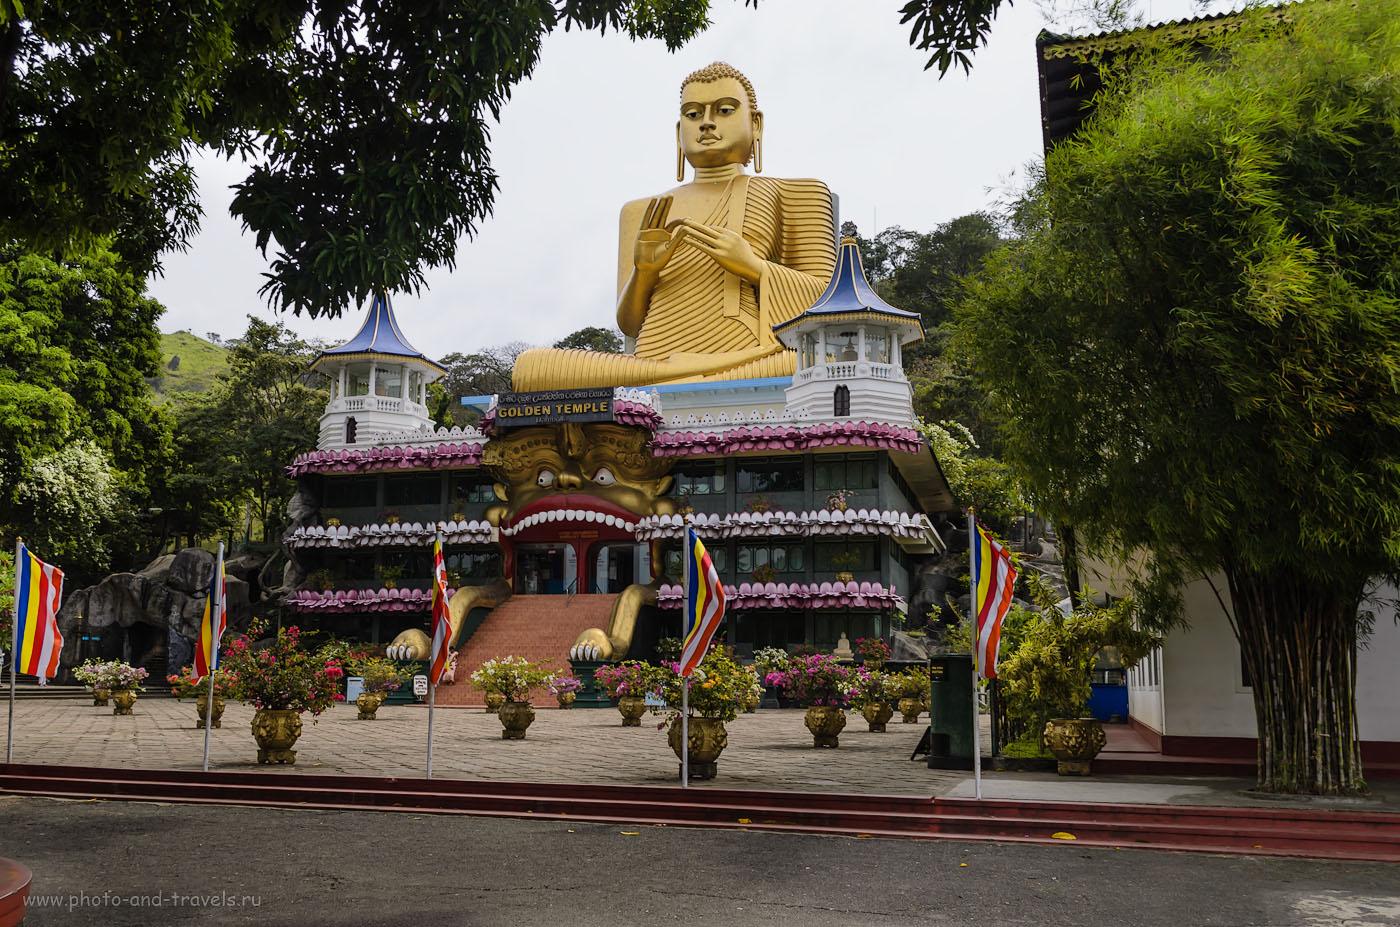 Фотография 2. Храм Золотого Будды в городе Дамбула (Dambula) на Шри-Ланке. Отзывы туристов об экскурсии самостоятельно.